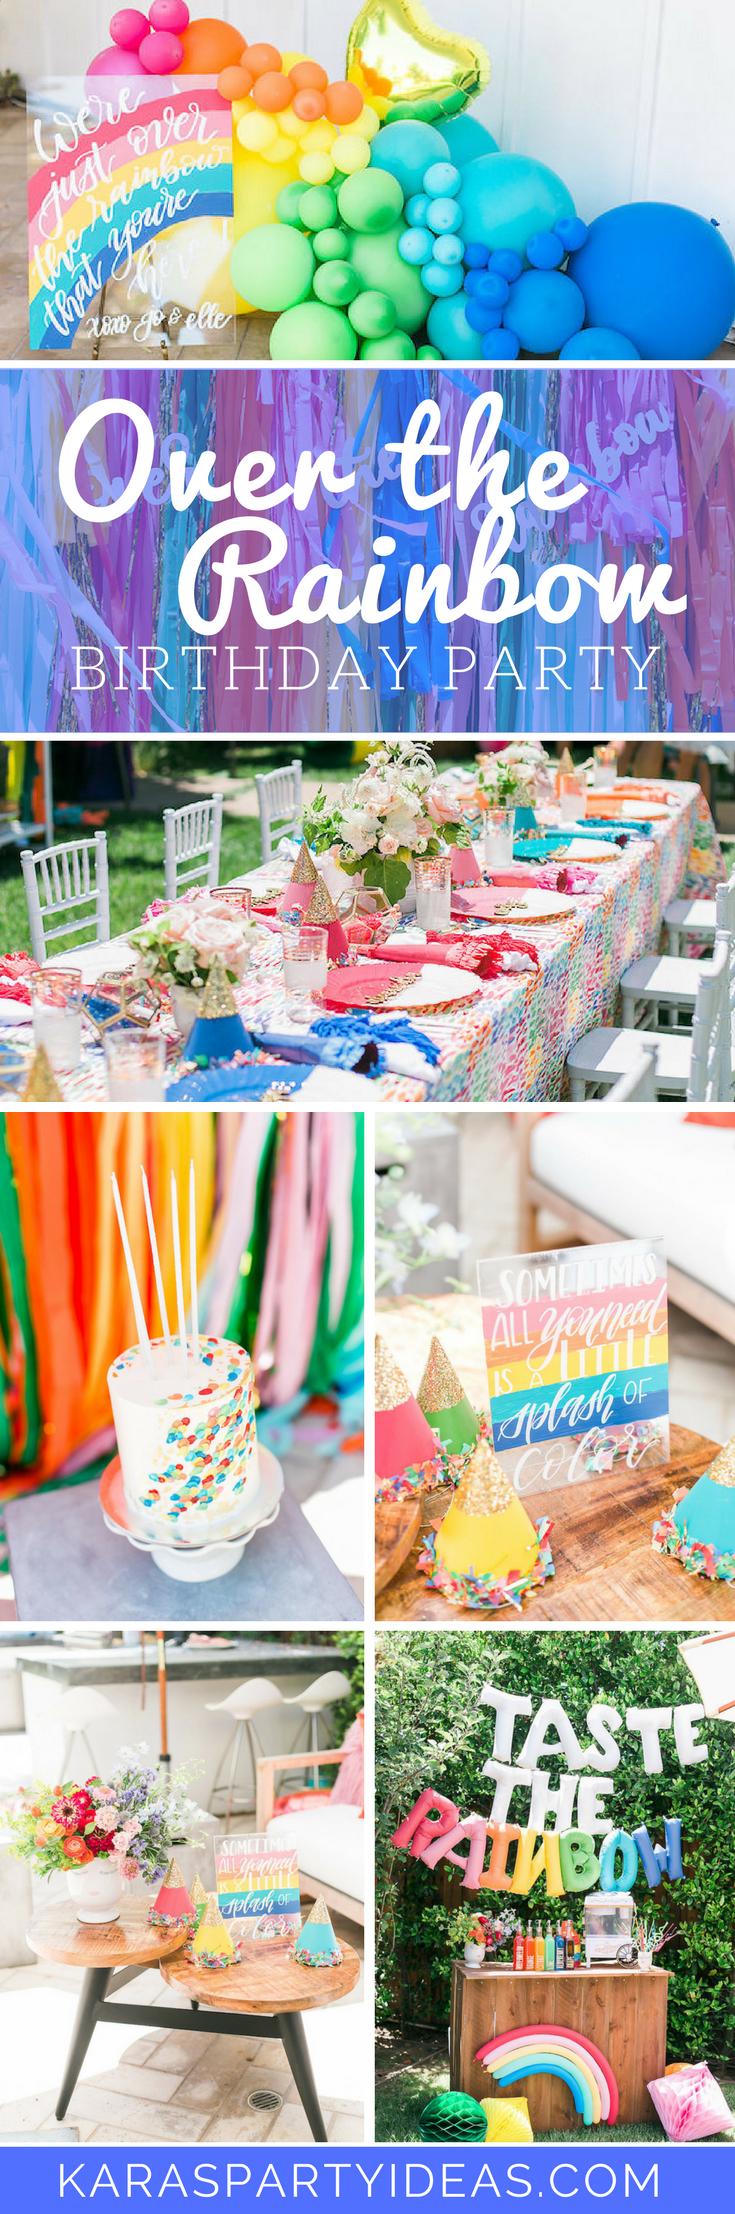 Over the Rainbow Birthday Party via Kara's Party Ideas - KarasPartyIdeas.com